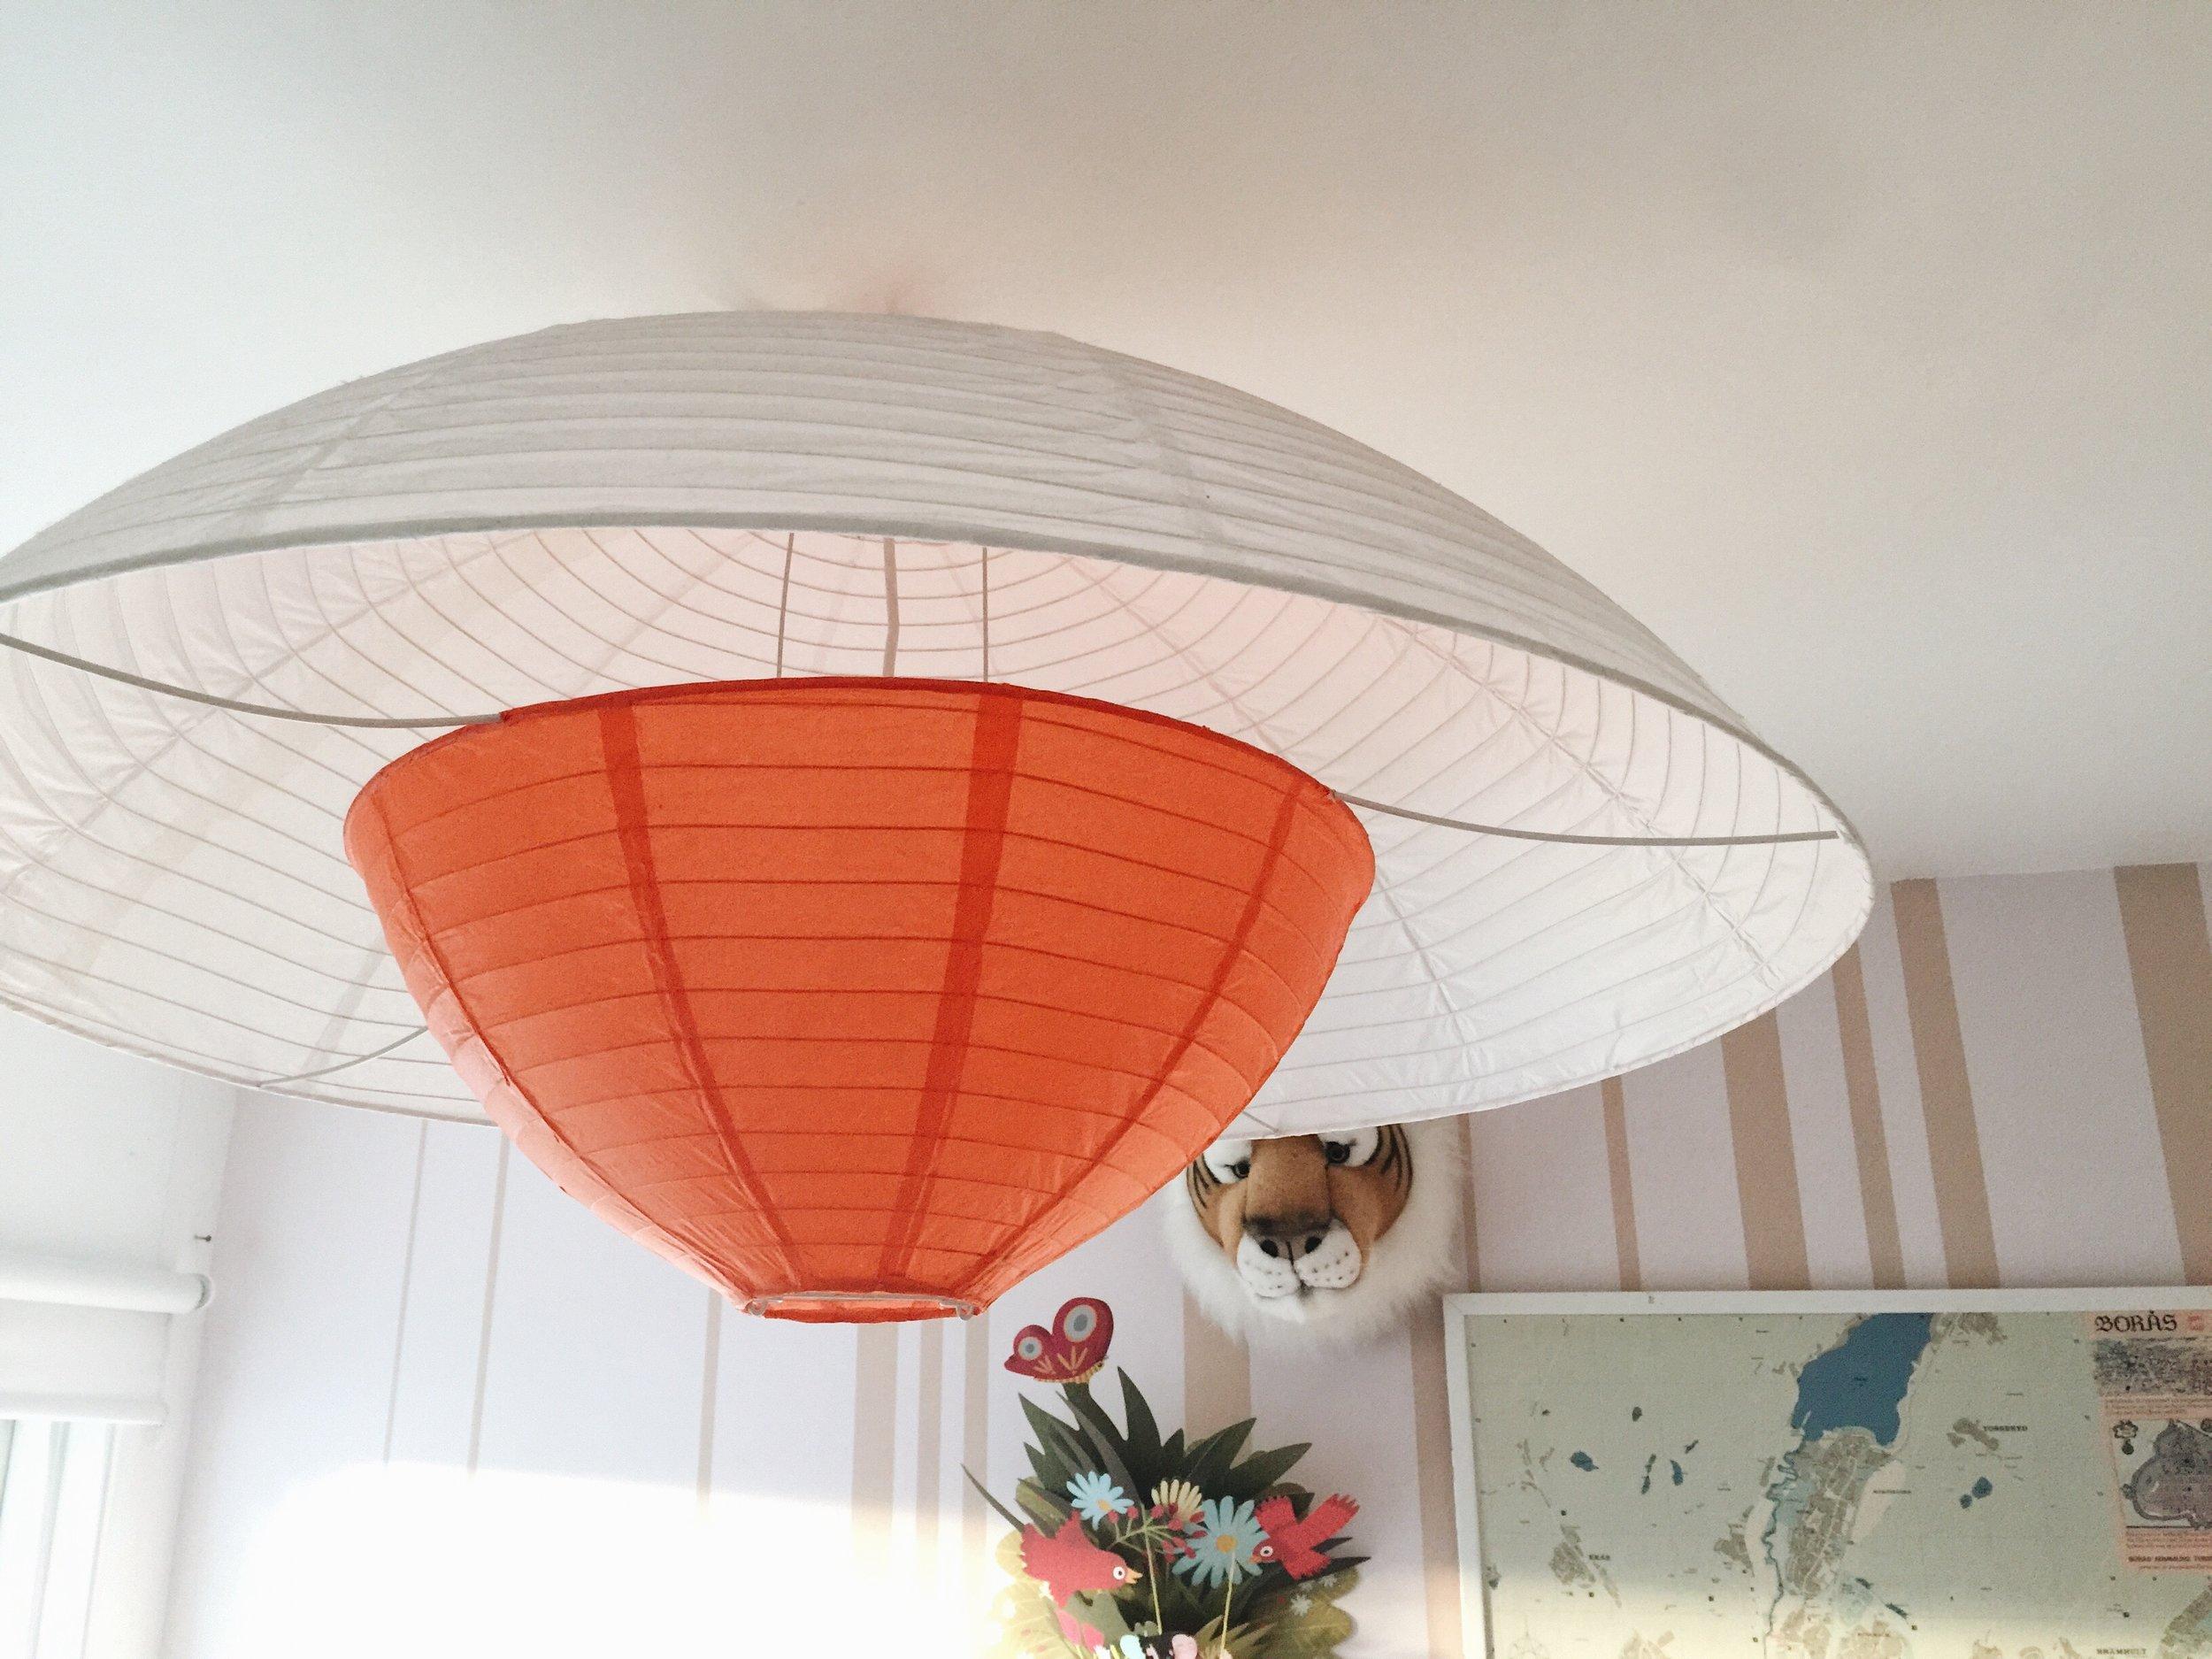 Denna ljuvliga rislampa är från en loppis, såklart. Undrar över ursprung. Ikea kanske, sent 90-tal?